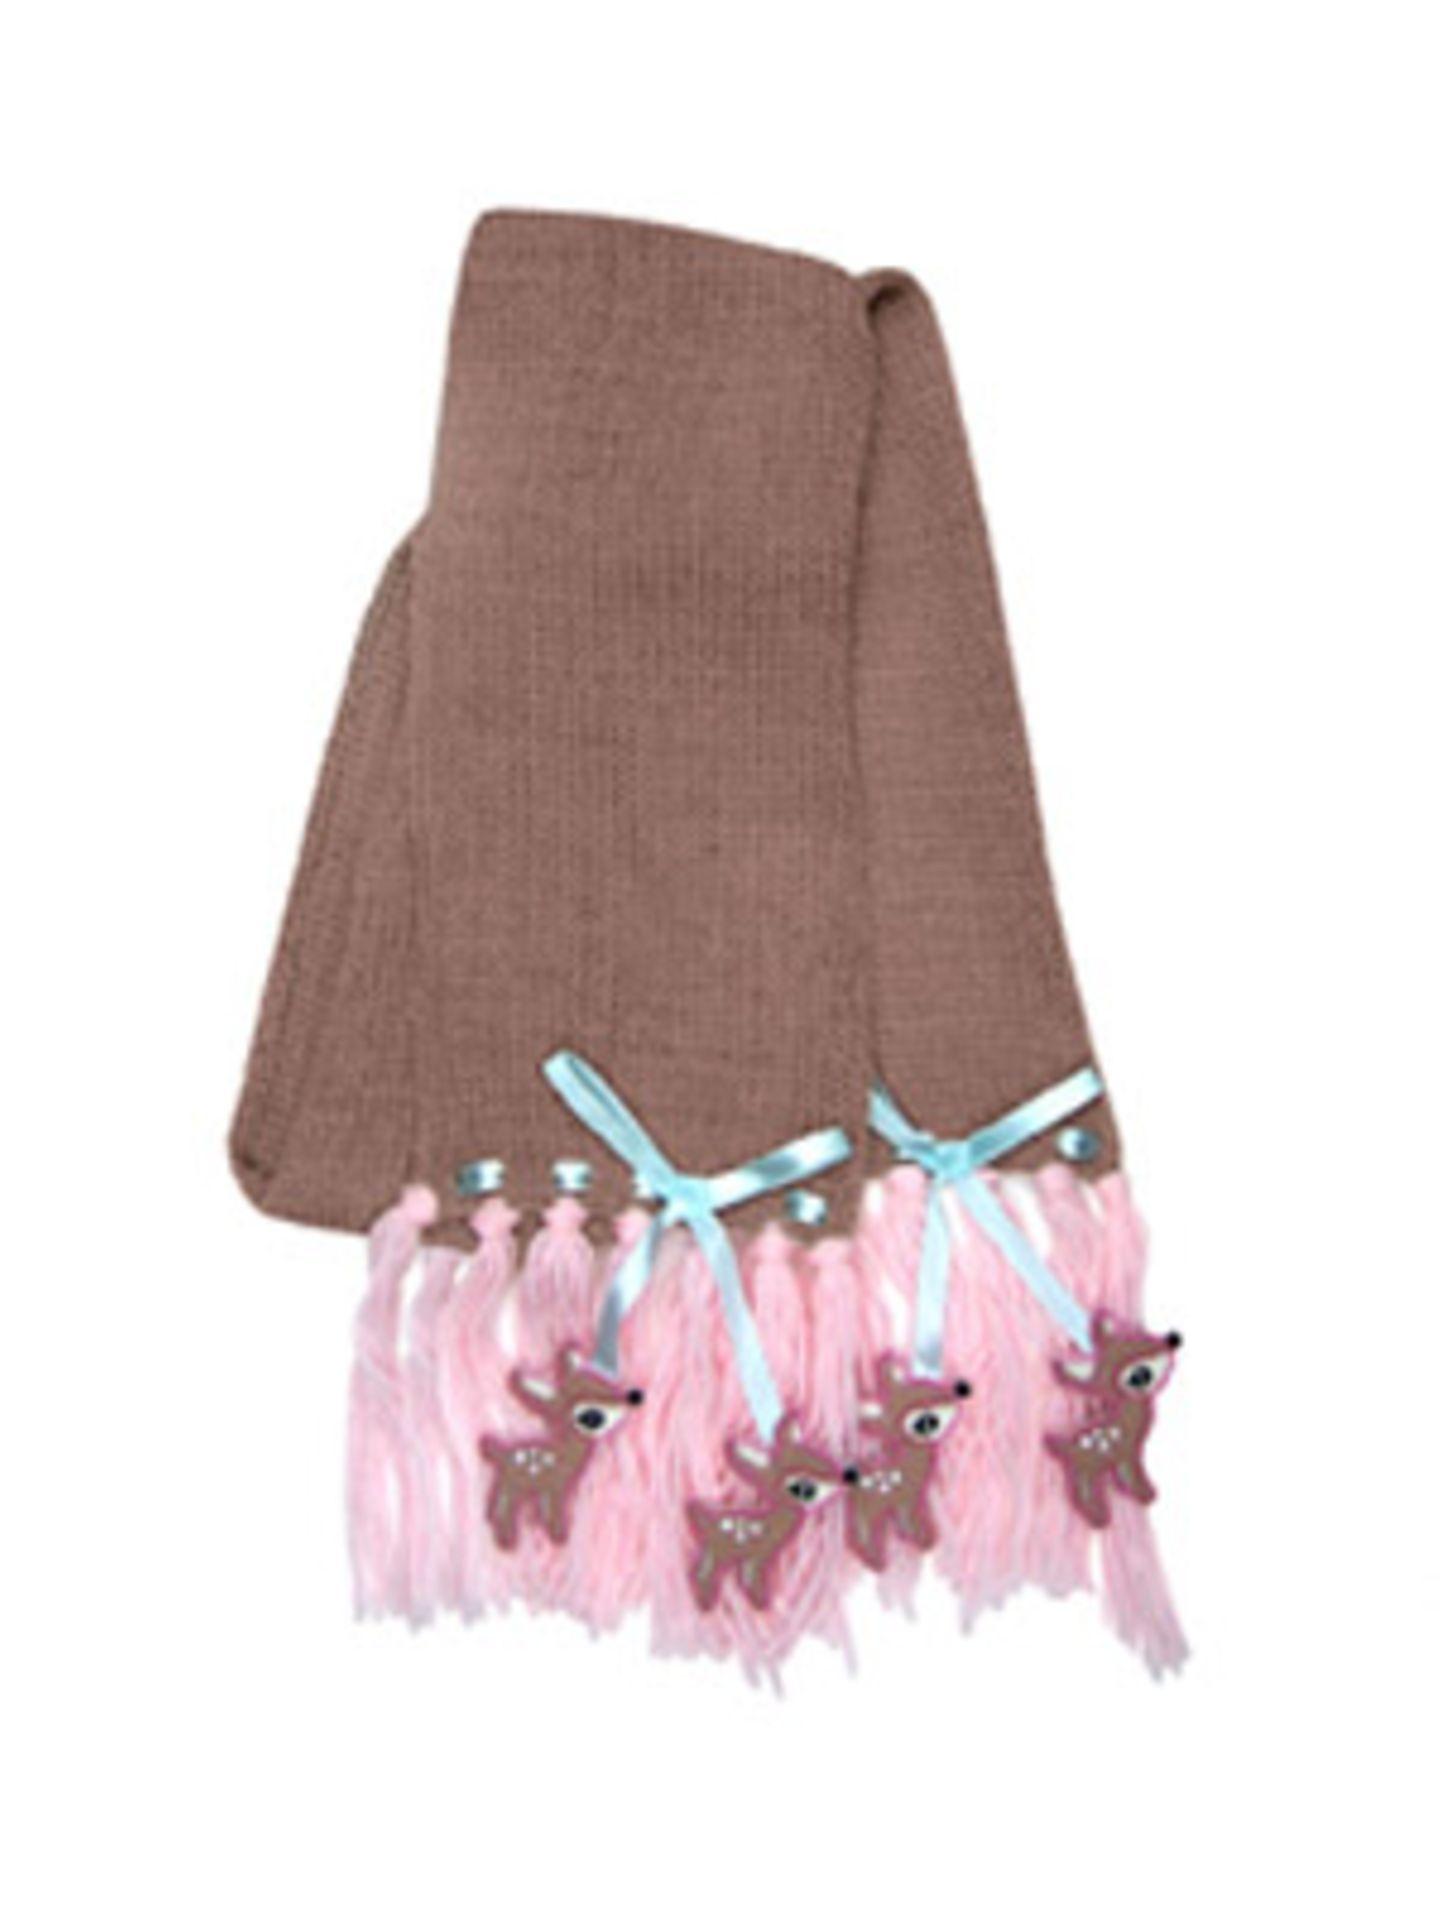 Brauner Schal mit rosafarbenen Fransen und kleinen Rehen, ca. 15 Euro. Über www.bertine.de.